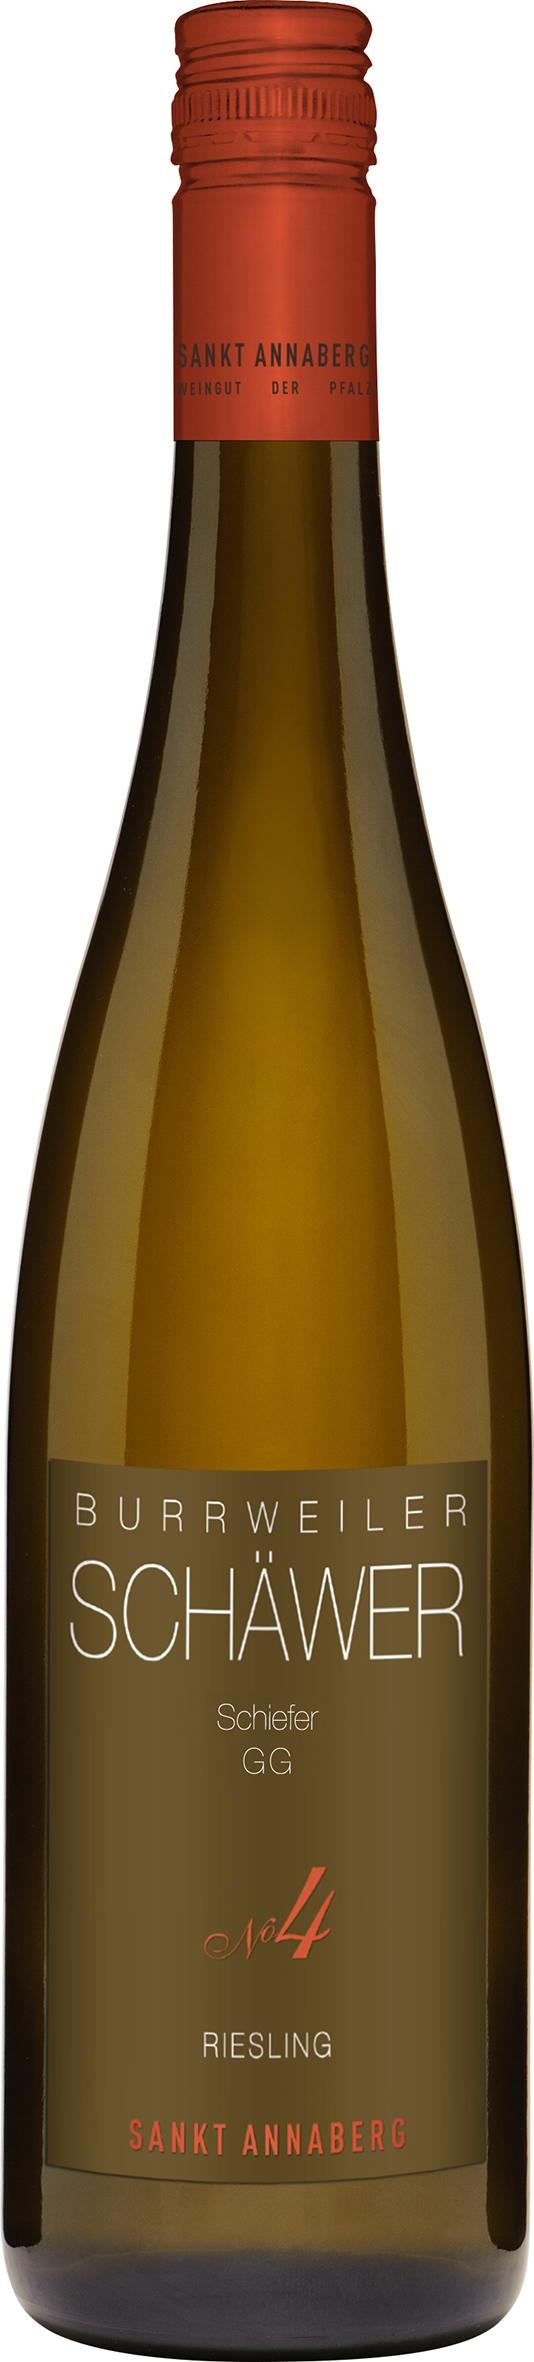 Weingut Sankt Annaberg Burrweiler Schawer Schiefer No.4